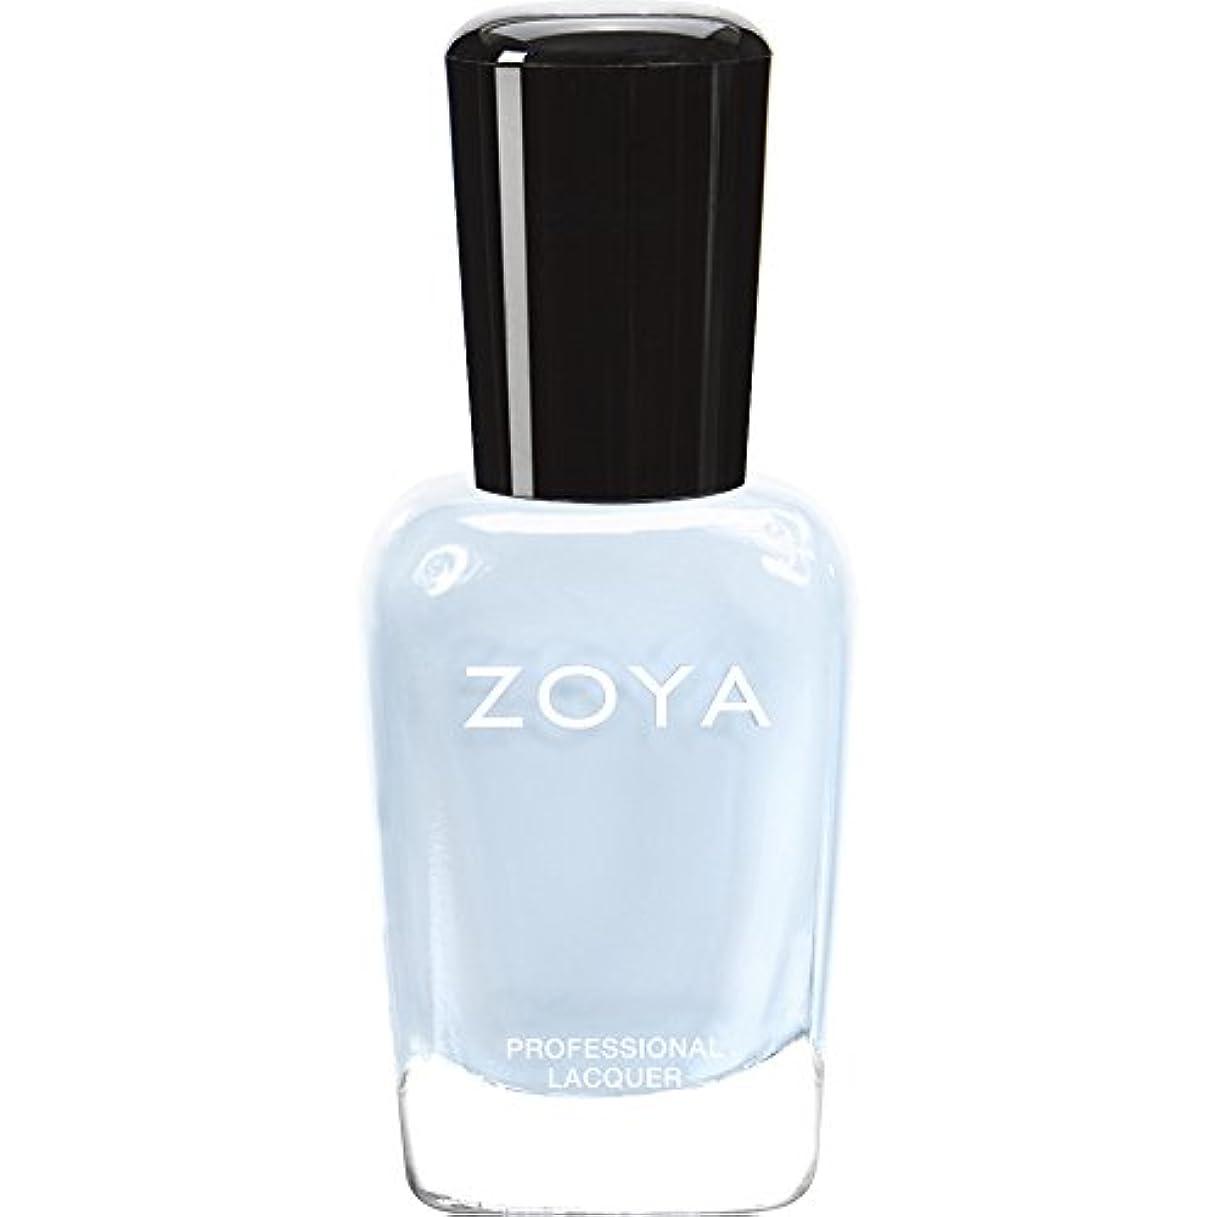 タクト展望台飲み込むZOYA ゾーヤ ネイルカラー ZP653 BLU ブルー 15ml  2012 LOVELY COLLECTION 光沢のある淡いベビーブルー マット 爪にやさしいネイルラッカーマニキュア